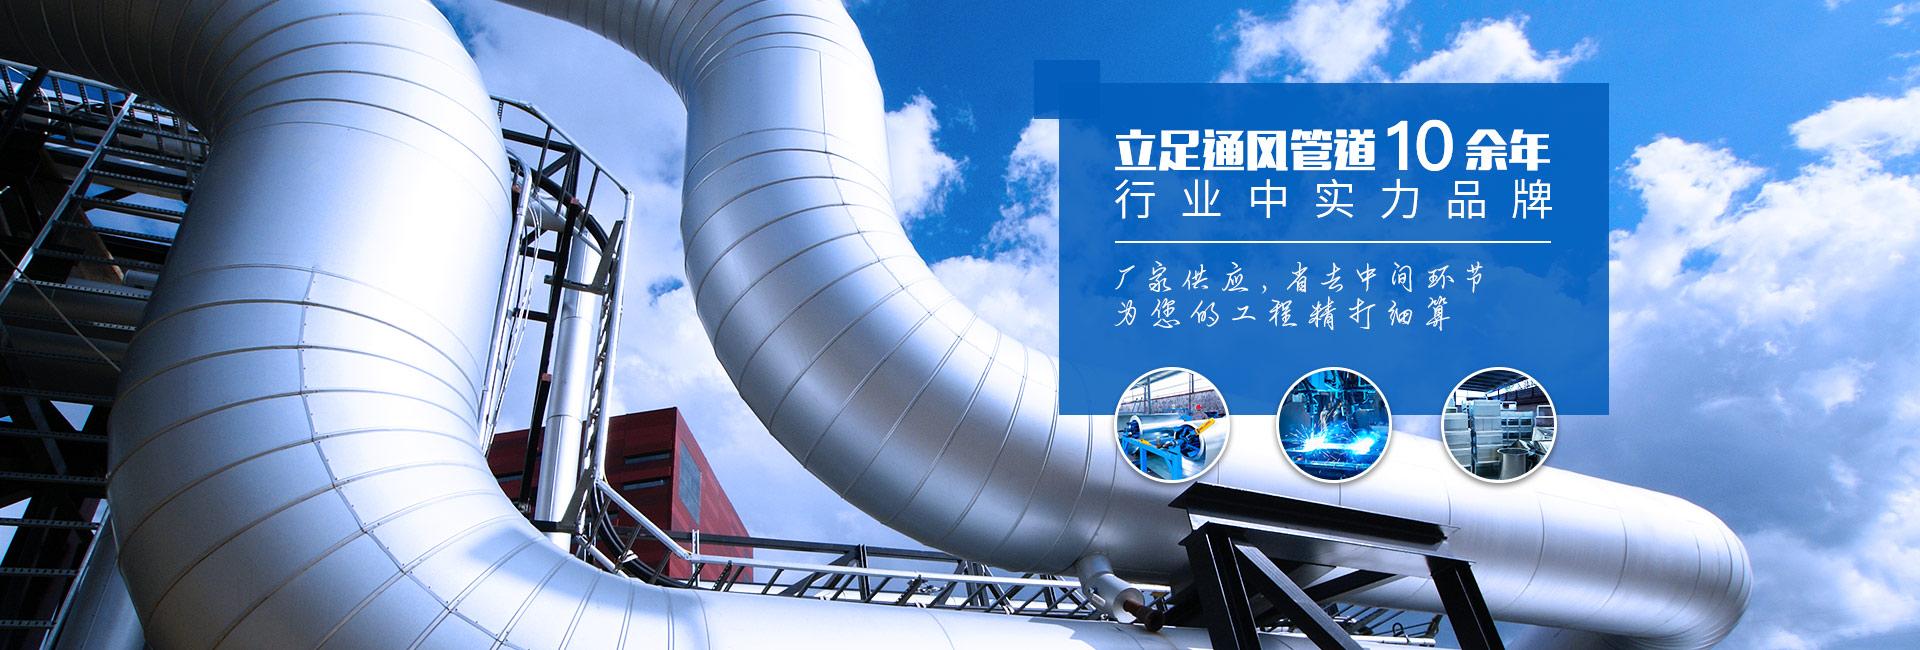 鲁海暖通-立足通风管道10余年,行业中的赢领品牌